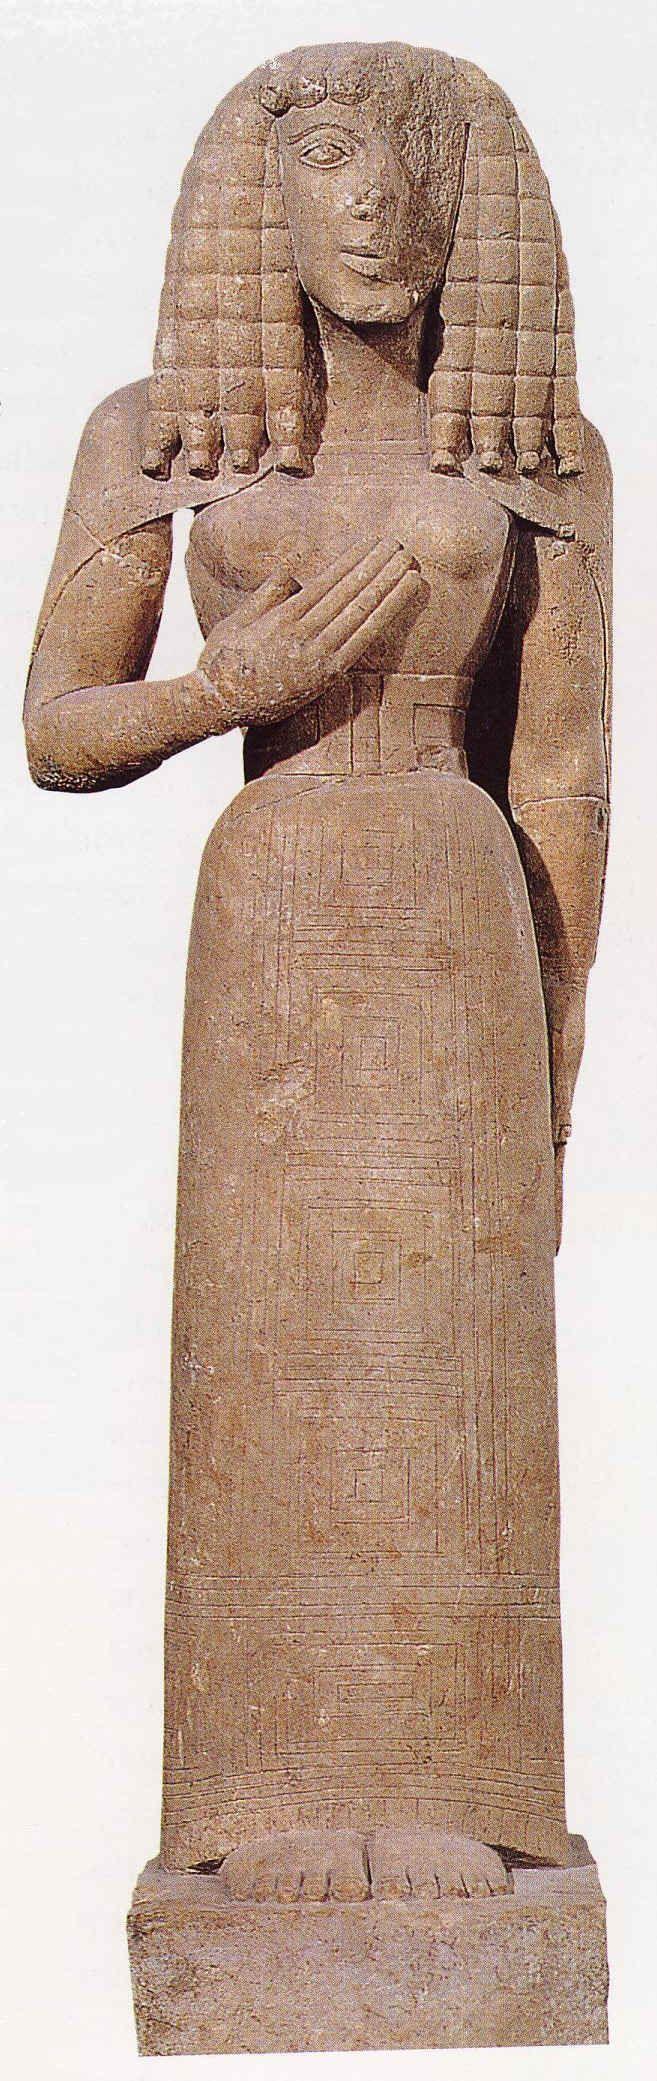 Dama d'Auxerre. Segle VII aC. Pedra, 65 cm. París: Musée du Louvre  *Descoberta el 1907 a la localitat d'Auxerre. Pertany a l'escola de Creta.